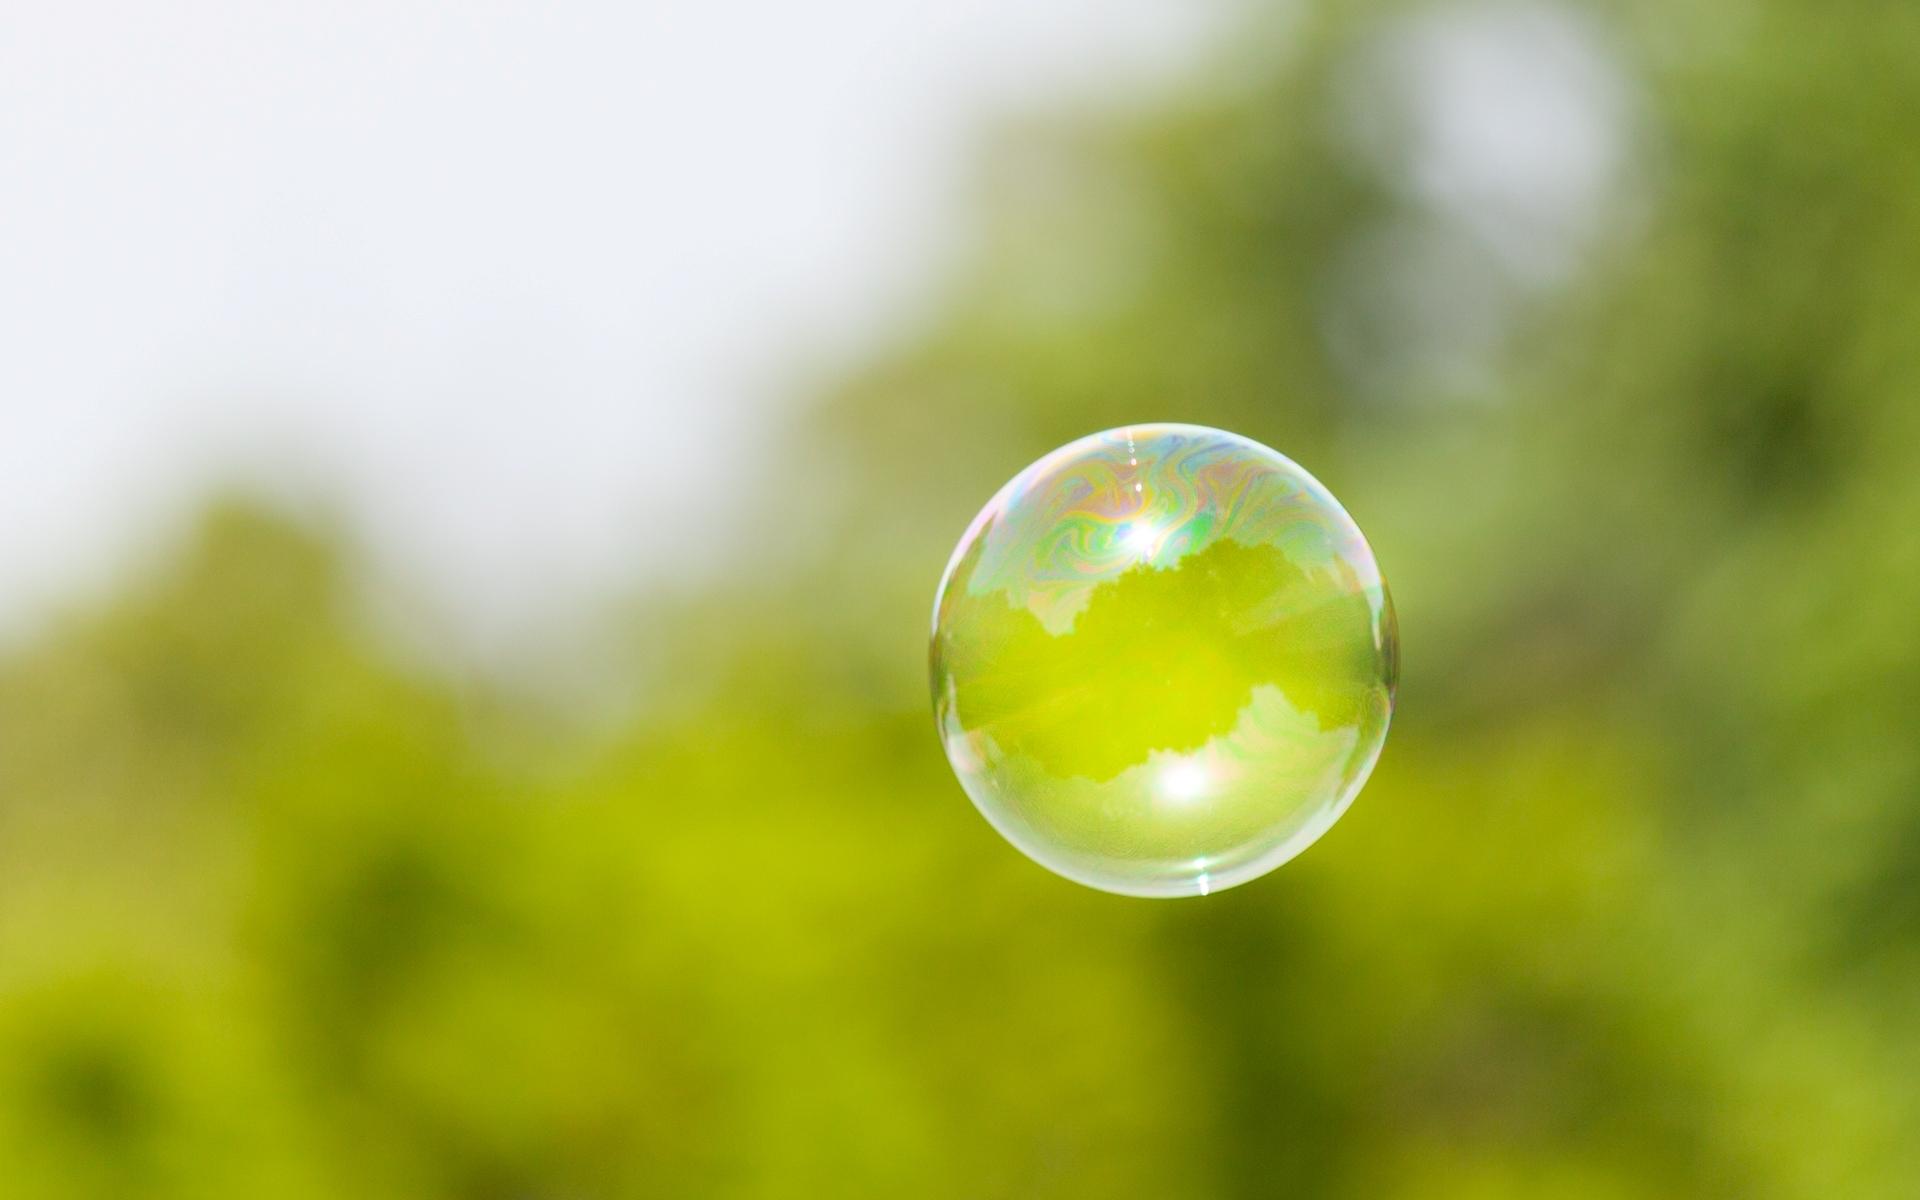 пузыри фон макро  № 3276001 загрузить